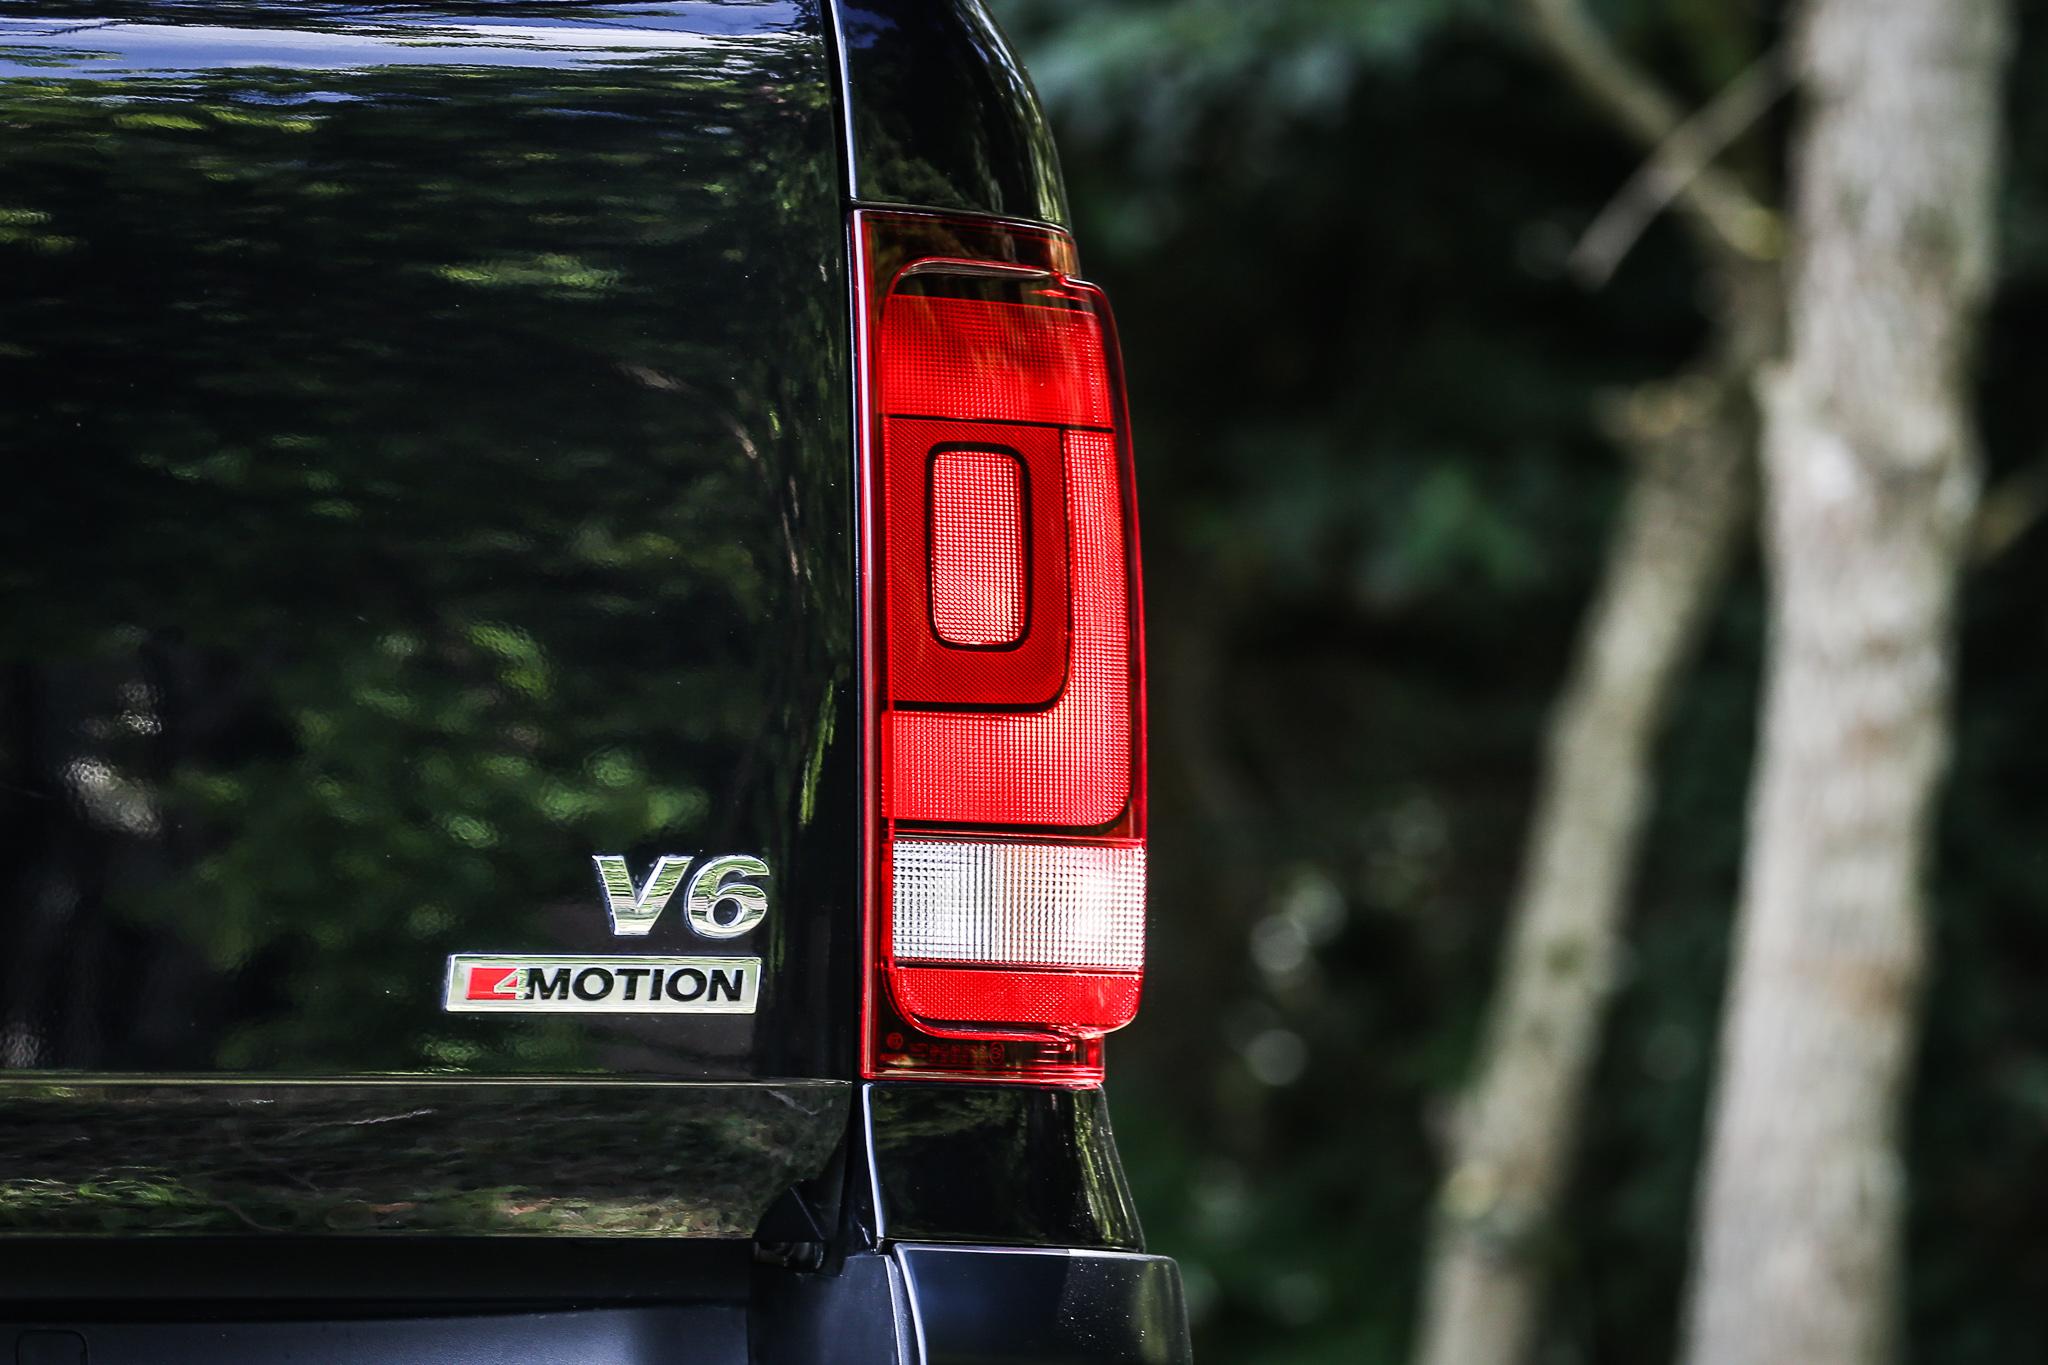 車尾銘牌清楚說明自身動力規格與驅動方式。